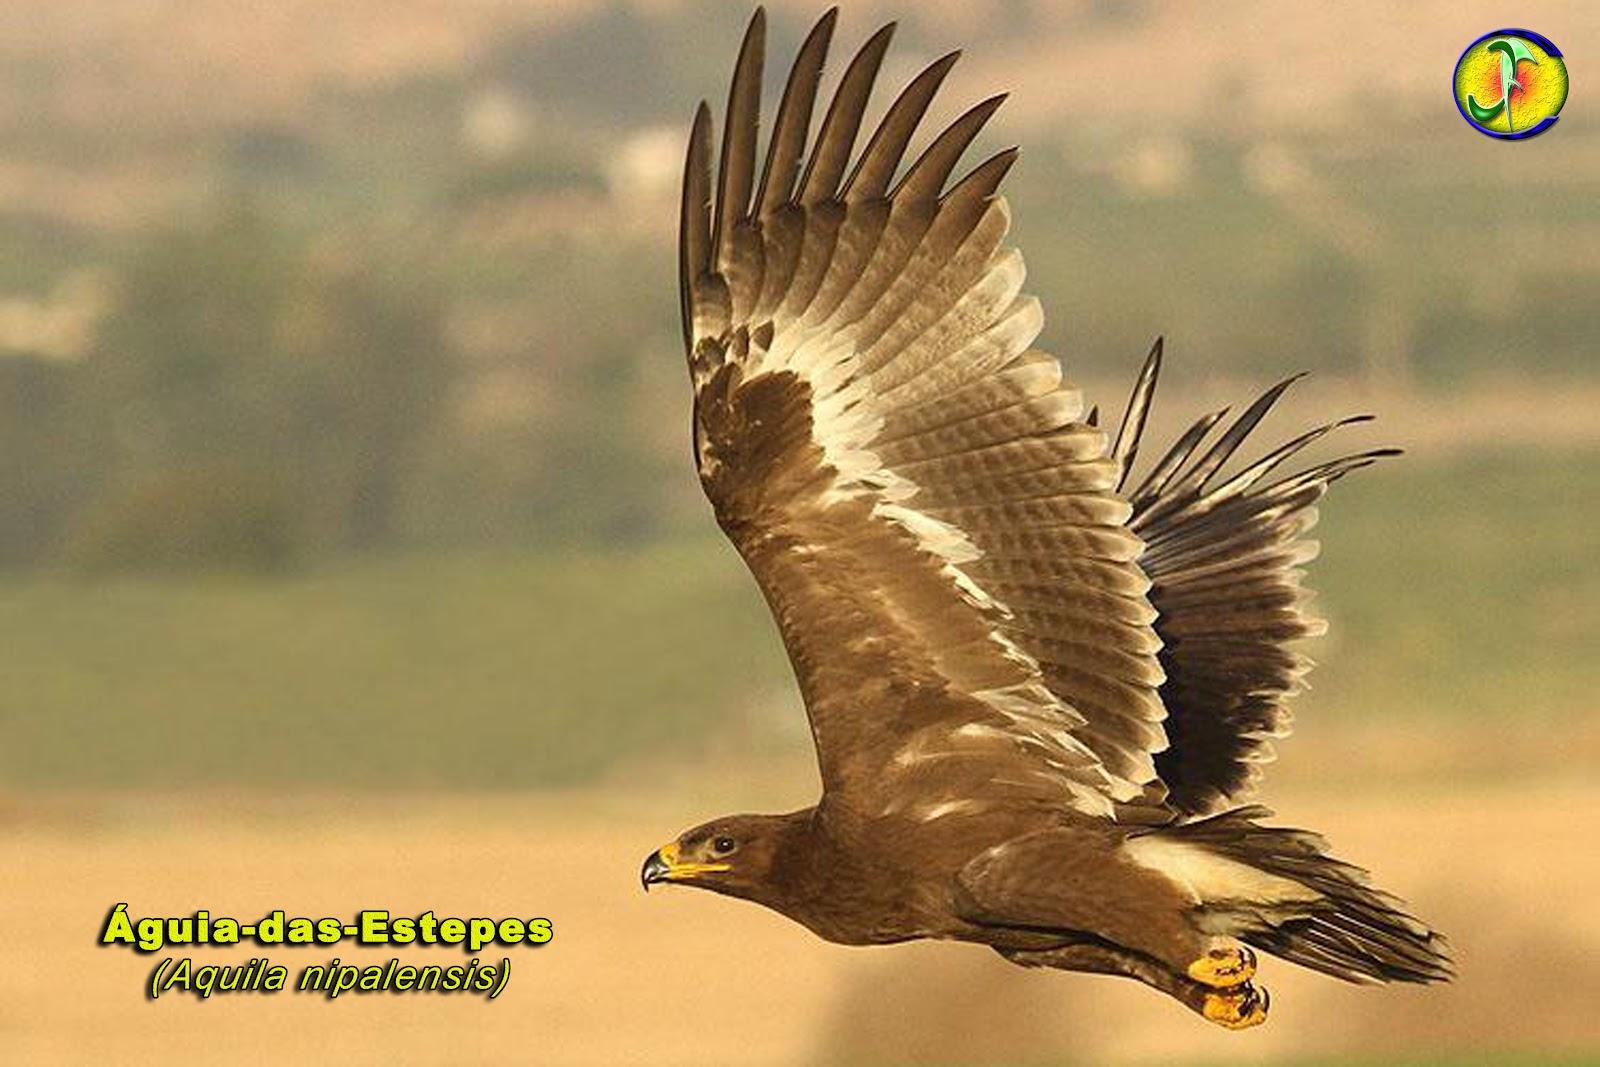 Loba Das Estepes: ORNITOLOGIA: Águia-das-estepes (Aquila Nipalensis